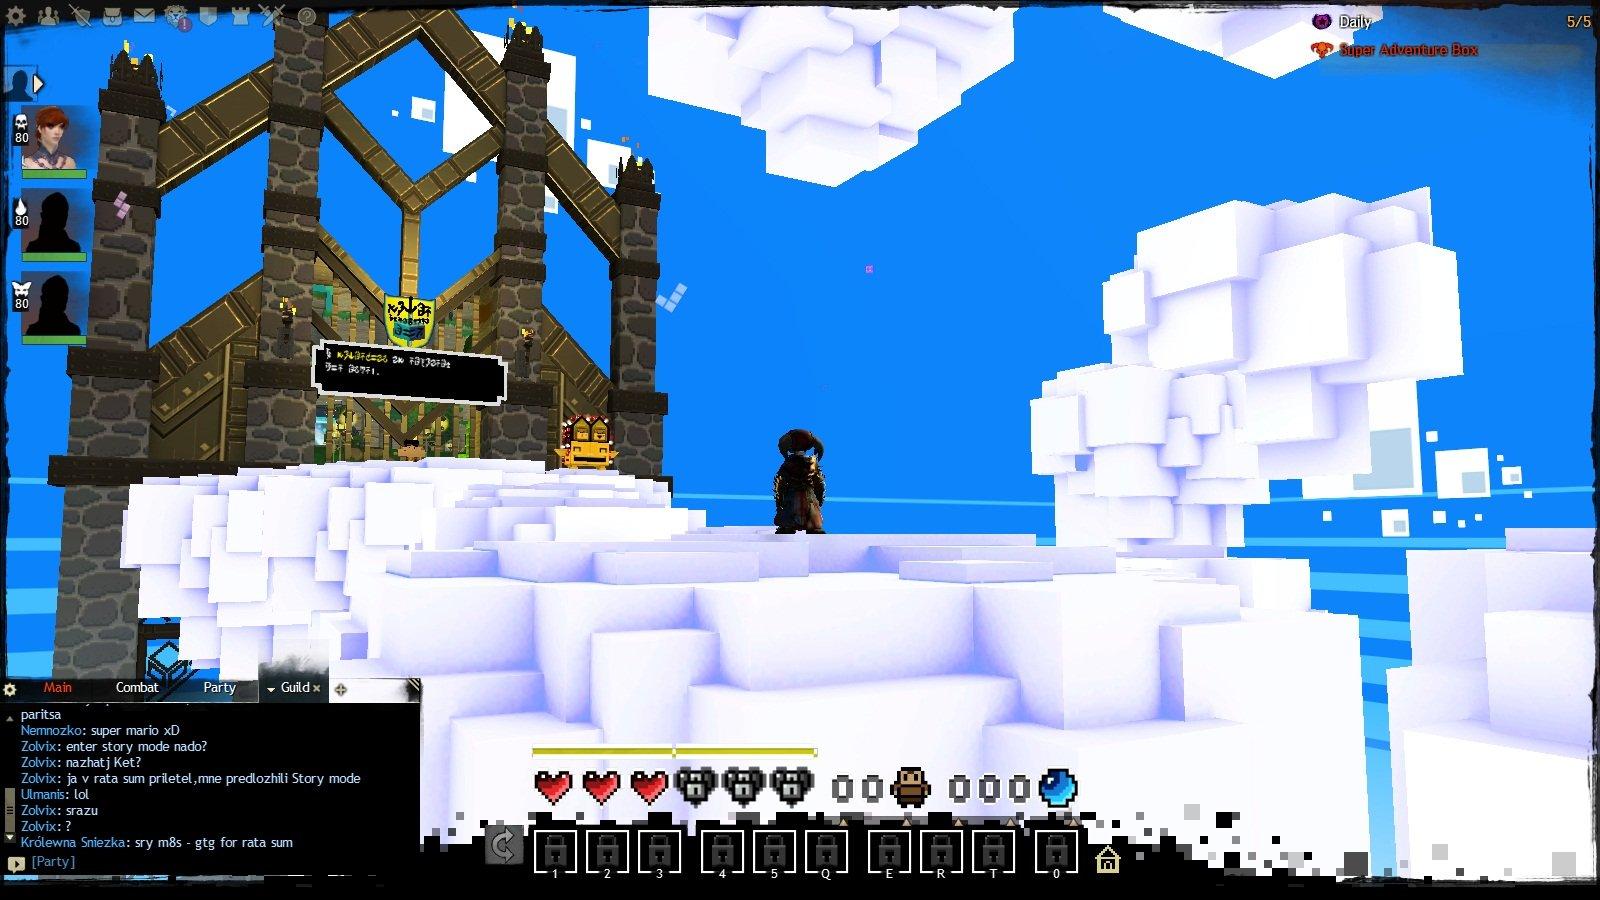 Первое апреля в Guild Wars 2. Там еще восьмибитная музыка играет на фоне <3. - Изображение 3